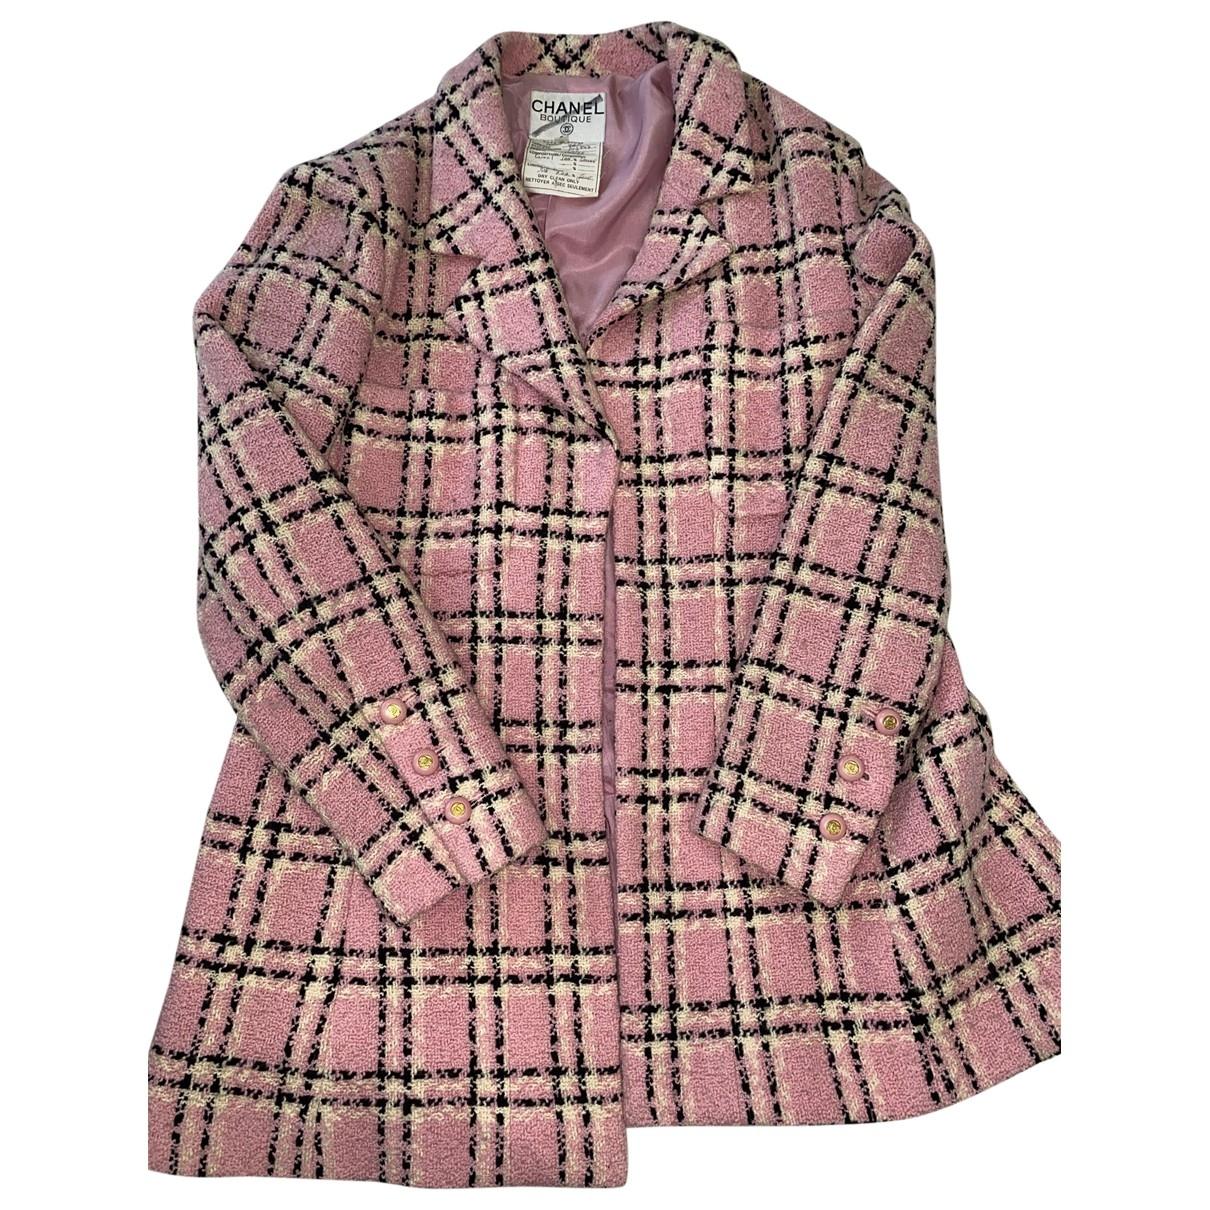 Chanel \N Jacke in  Rosa Tweed